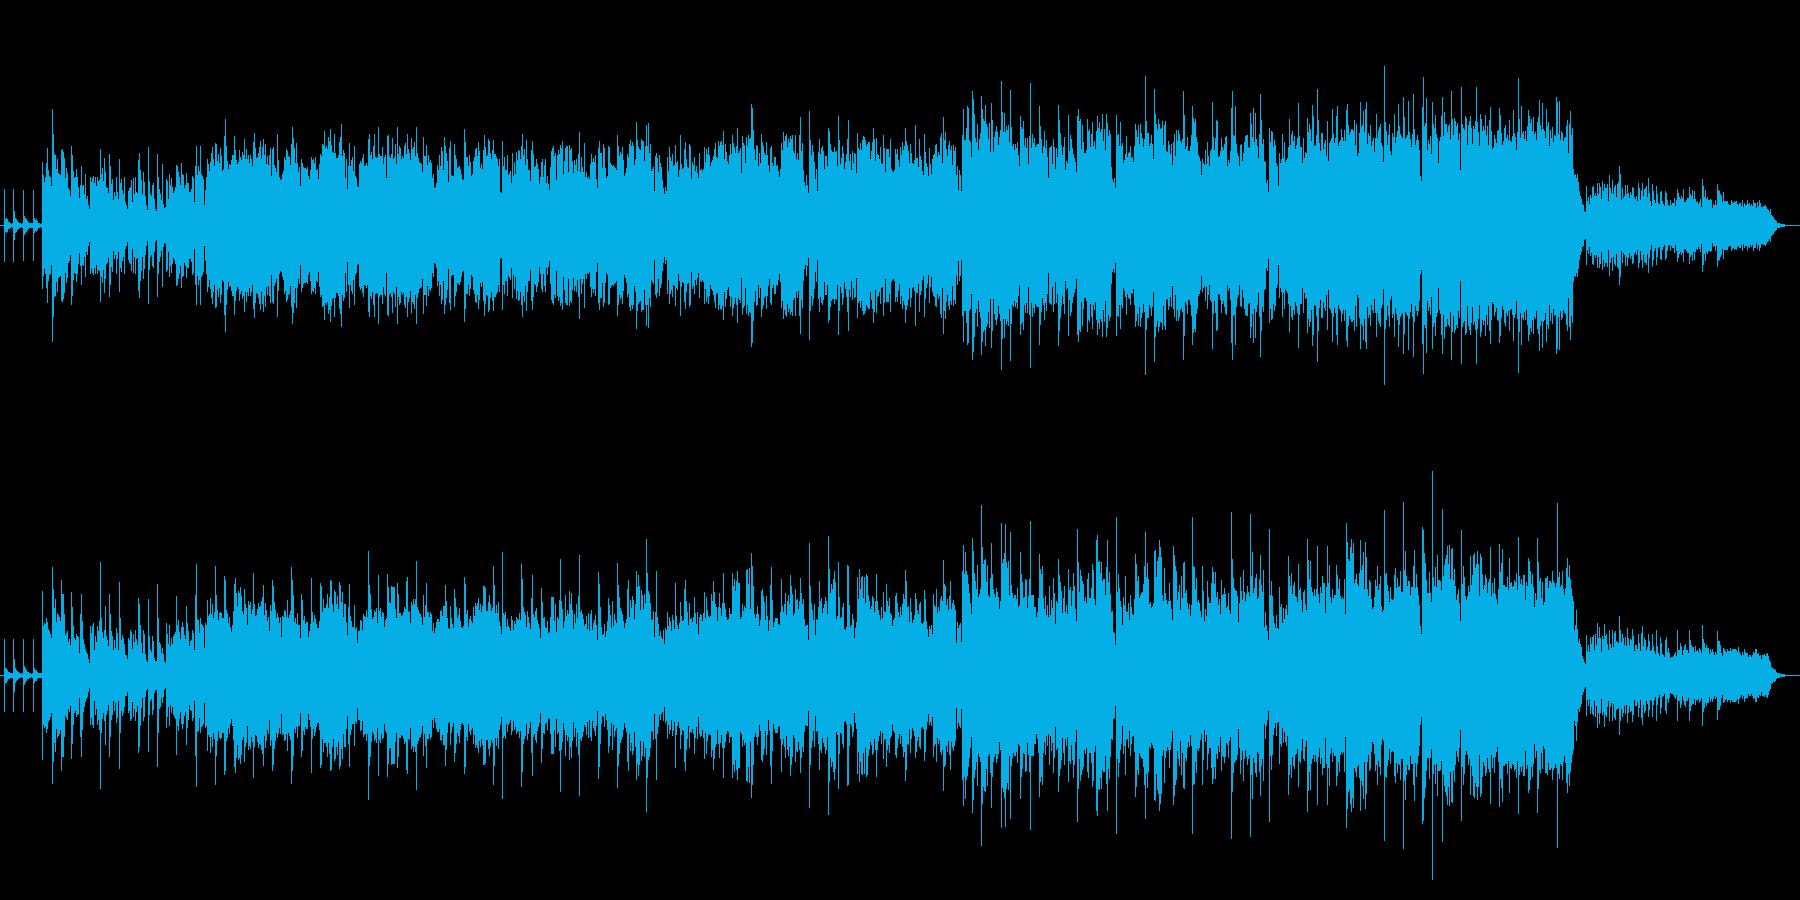 和風横笛とお琴の幻想曲の再生済みの波形